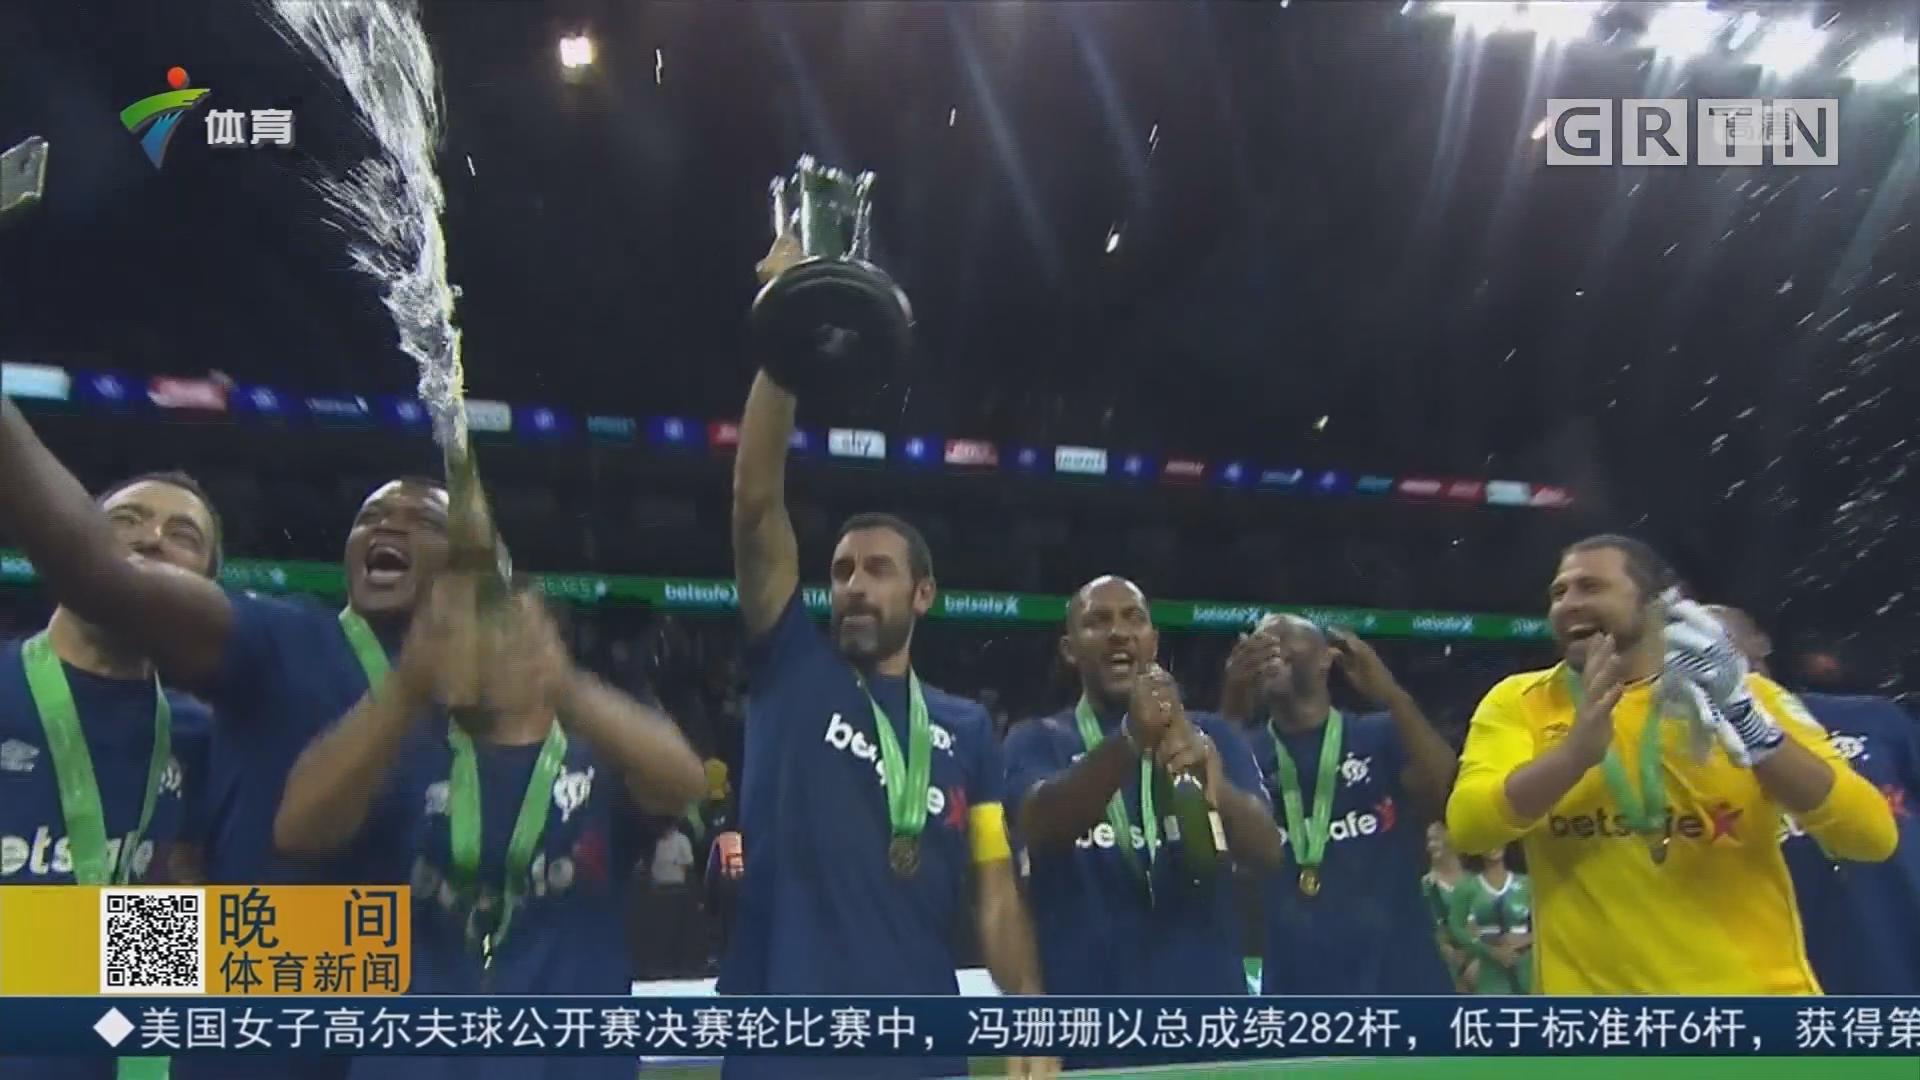 传奇六人足球赛 法国队获得冠军